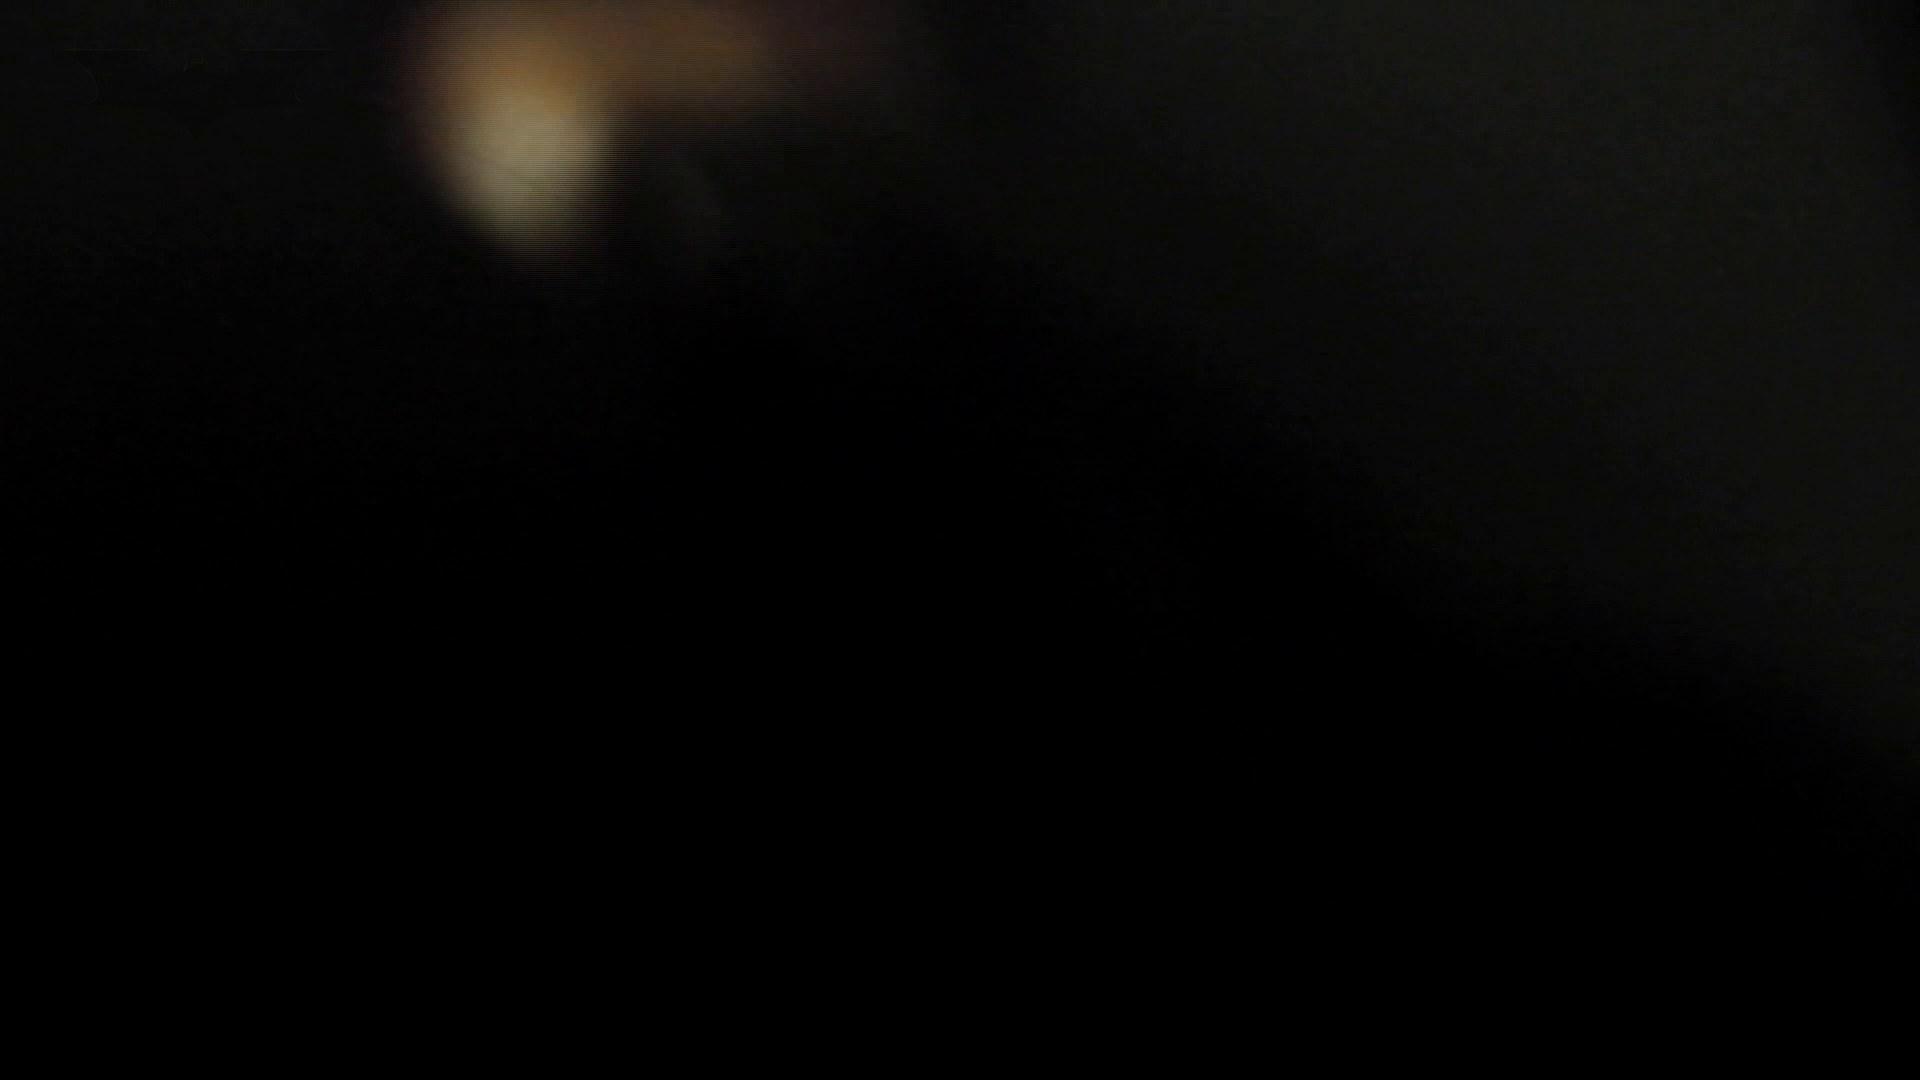 ステーション編 vol52 我慢して個室に入ったら。  :-)!! 洗面所   ギャル  57画像 44